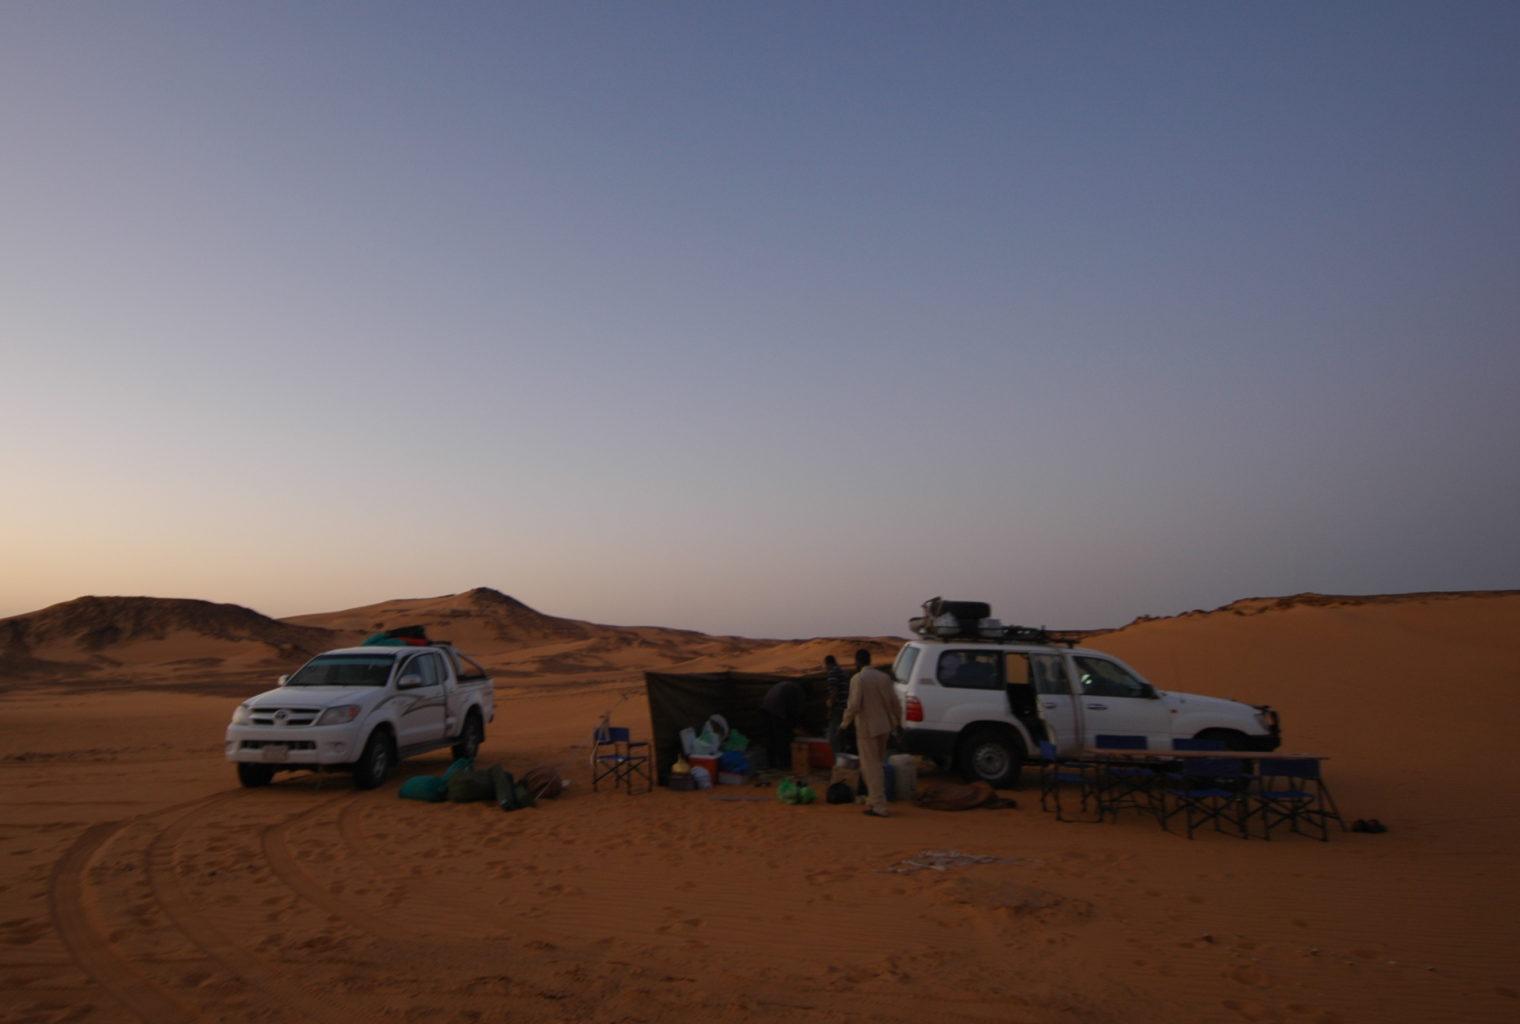 Kerma Wild Camping Sudan Tents